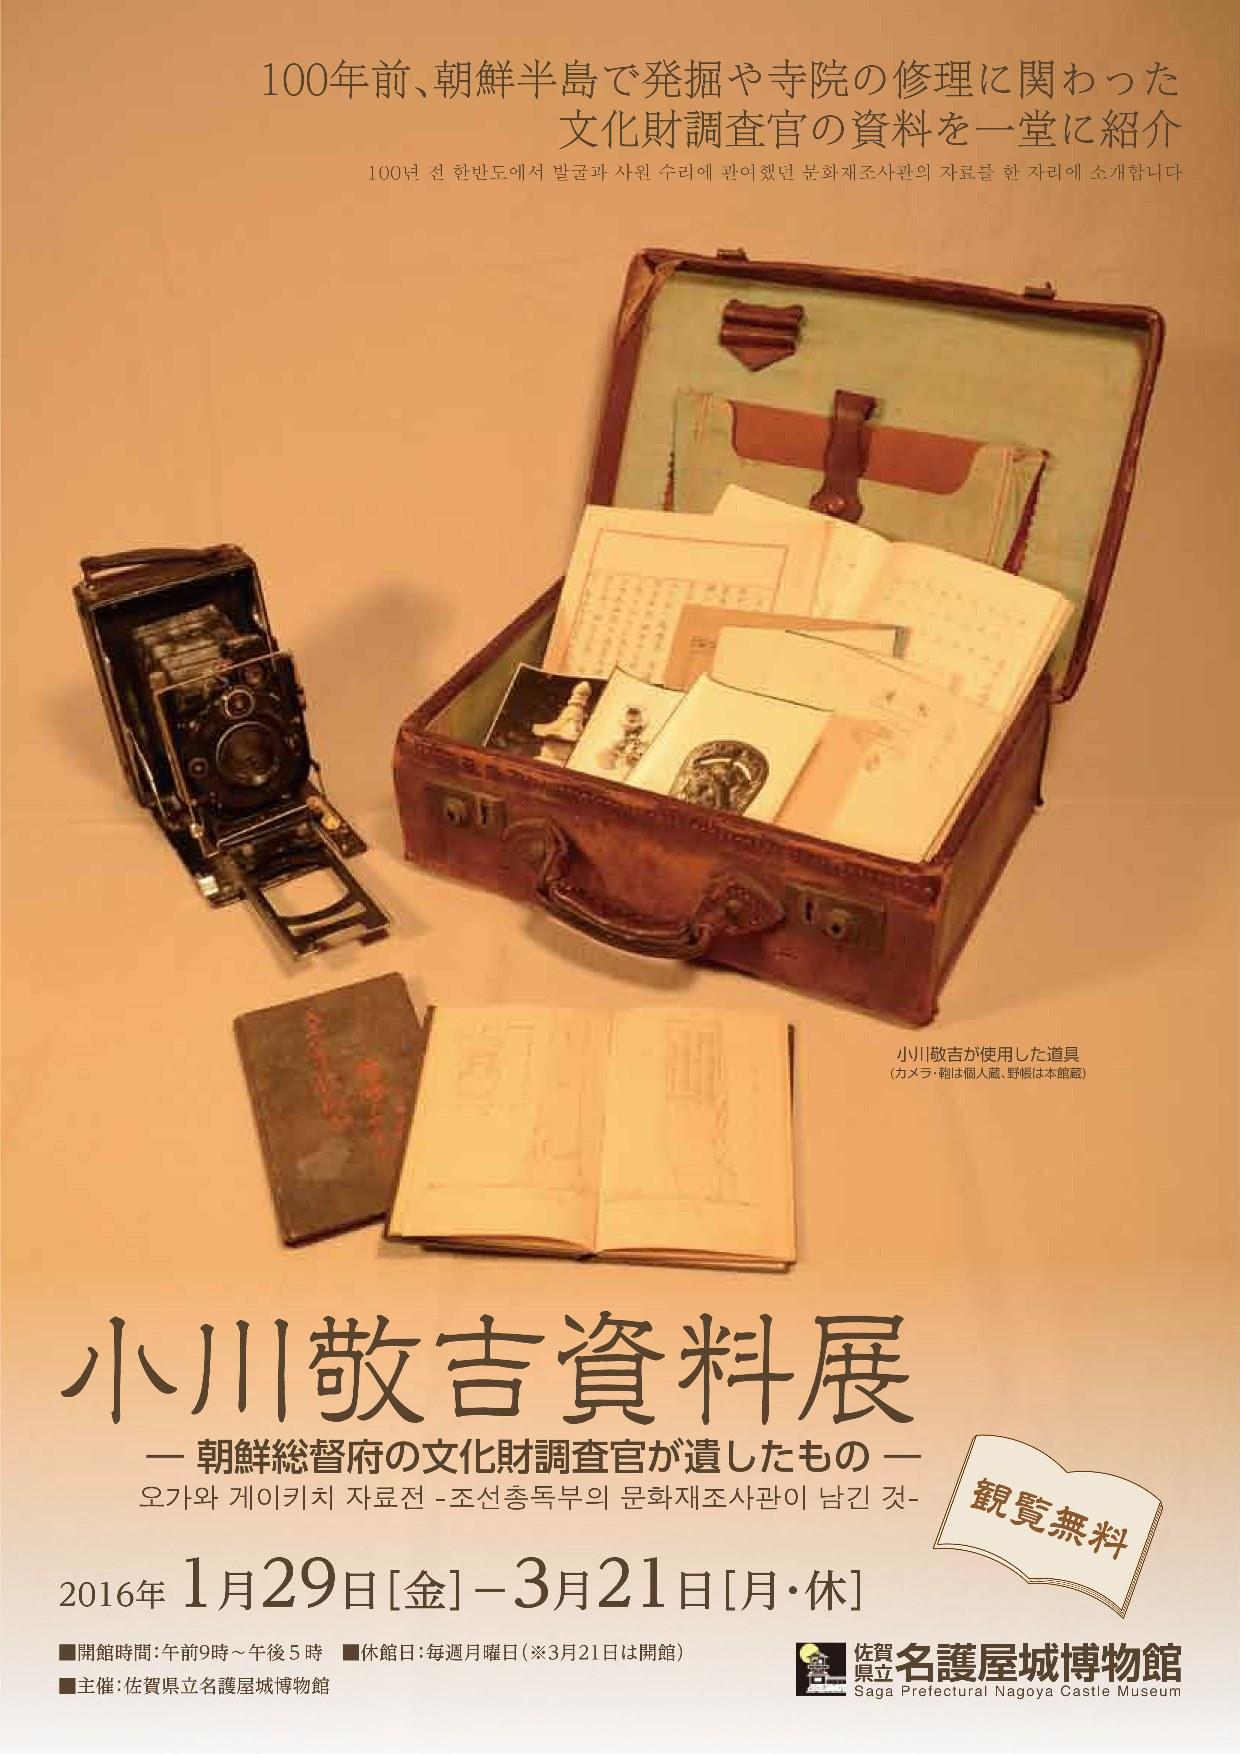 小川敬吉資料展チラシ画像